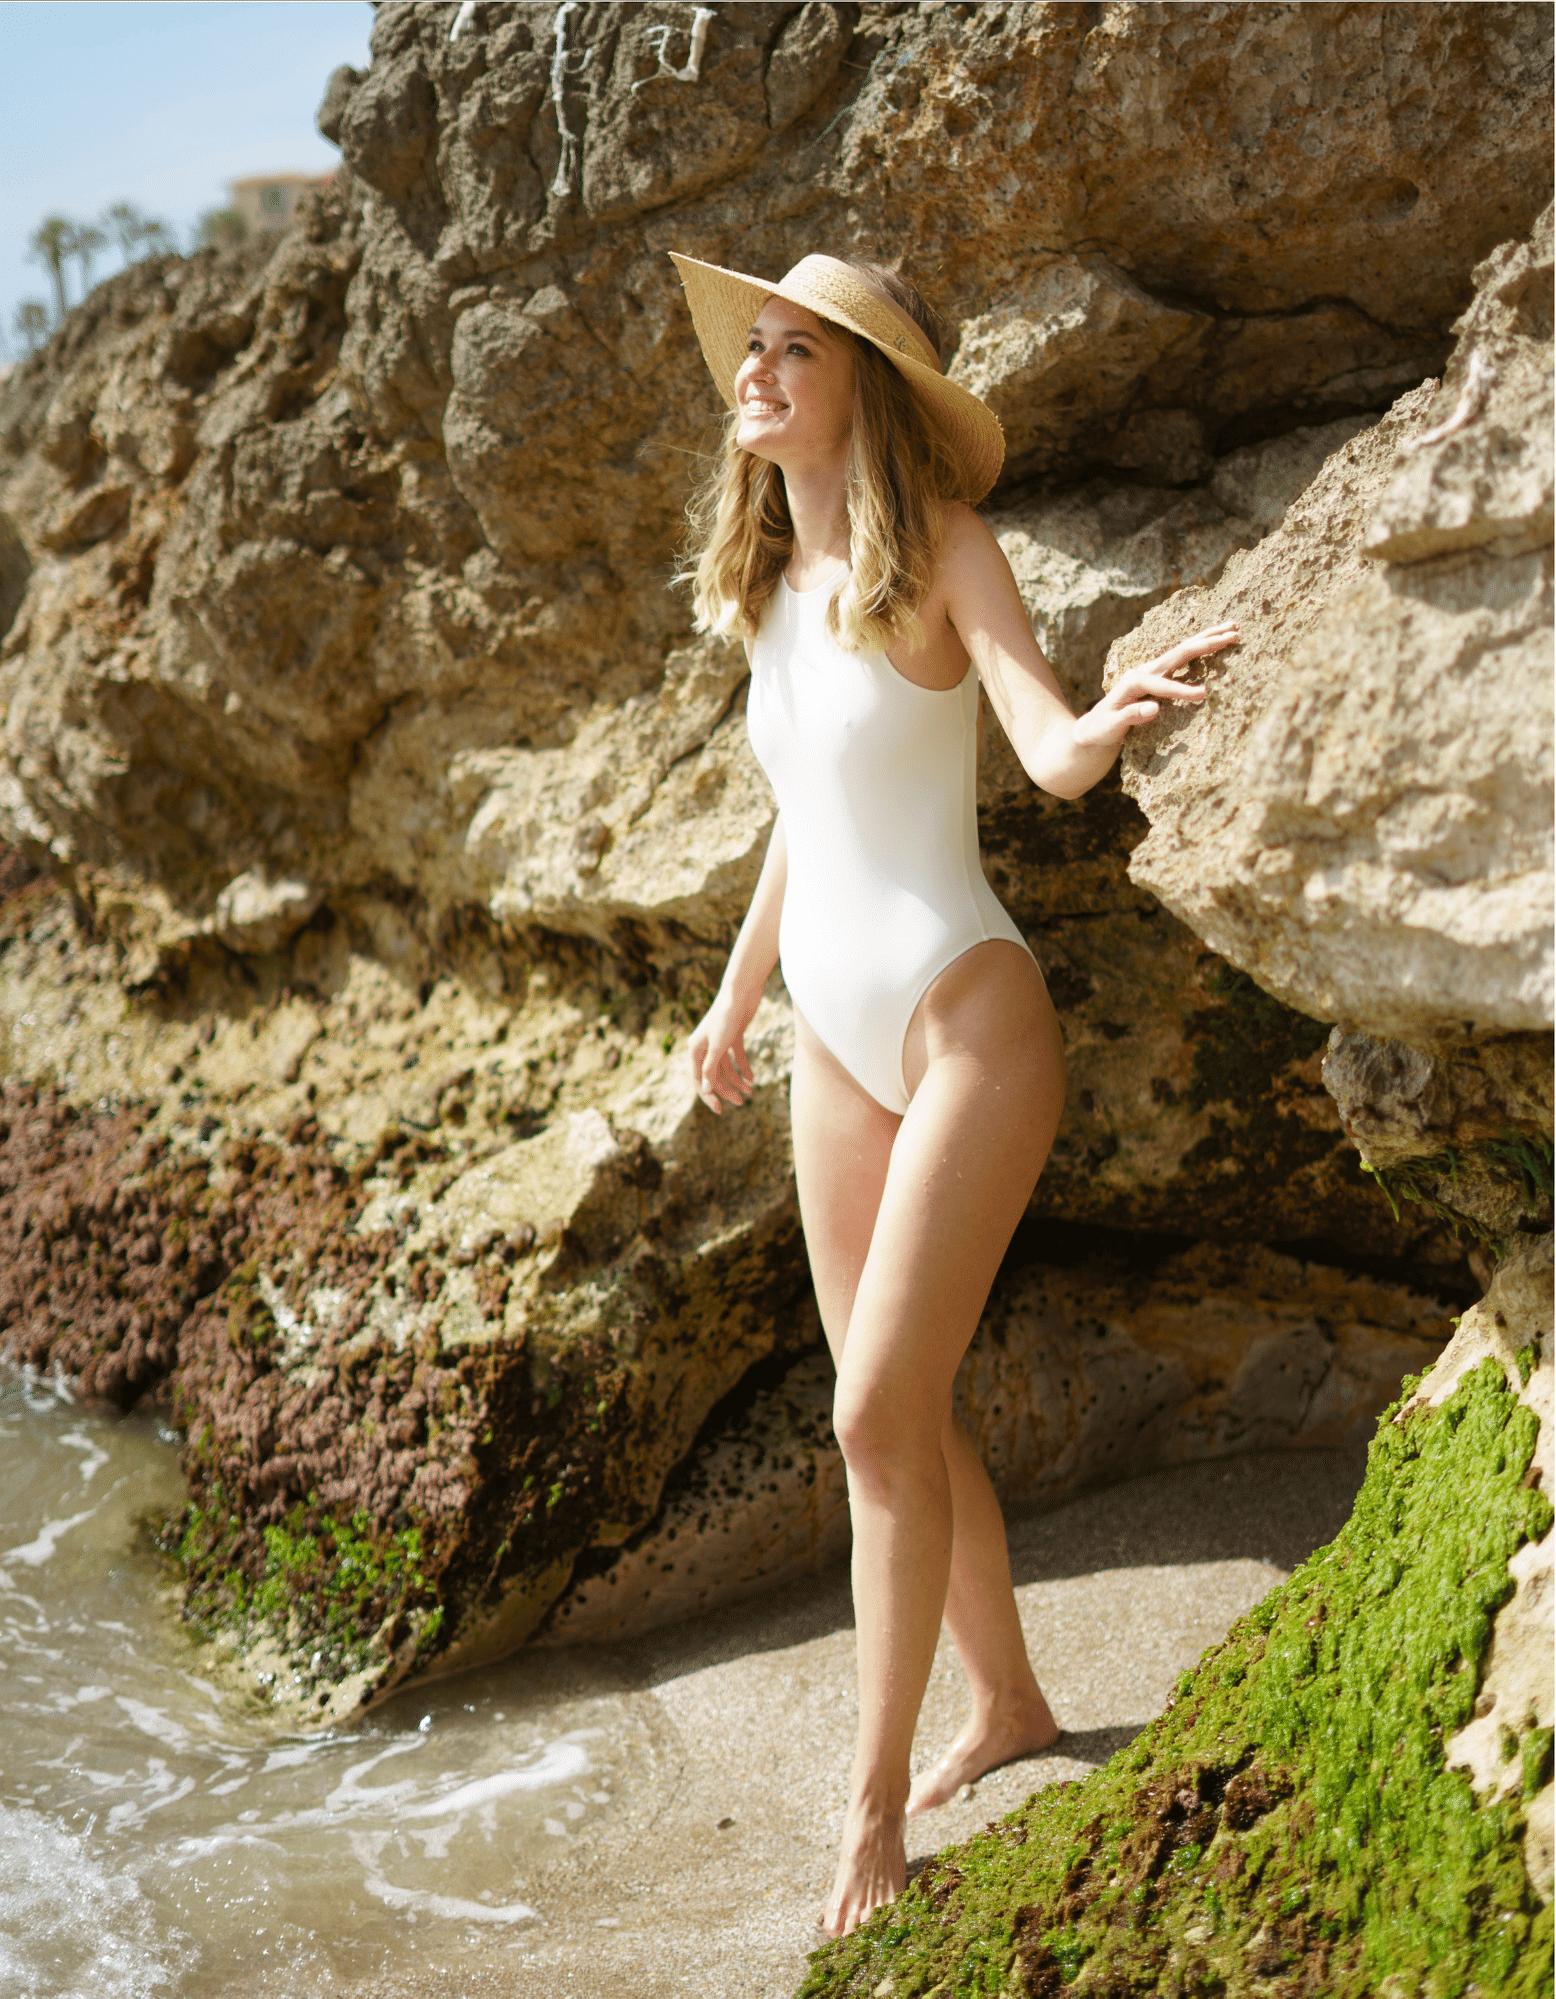 visera playa paja